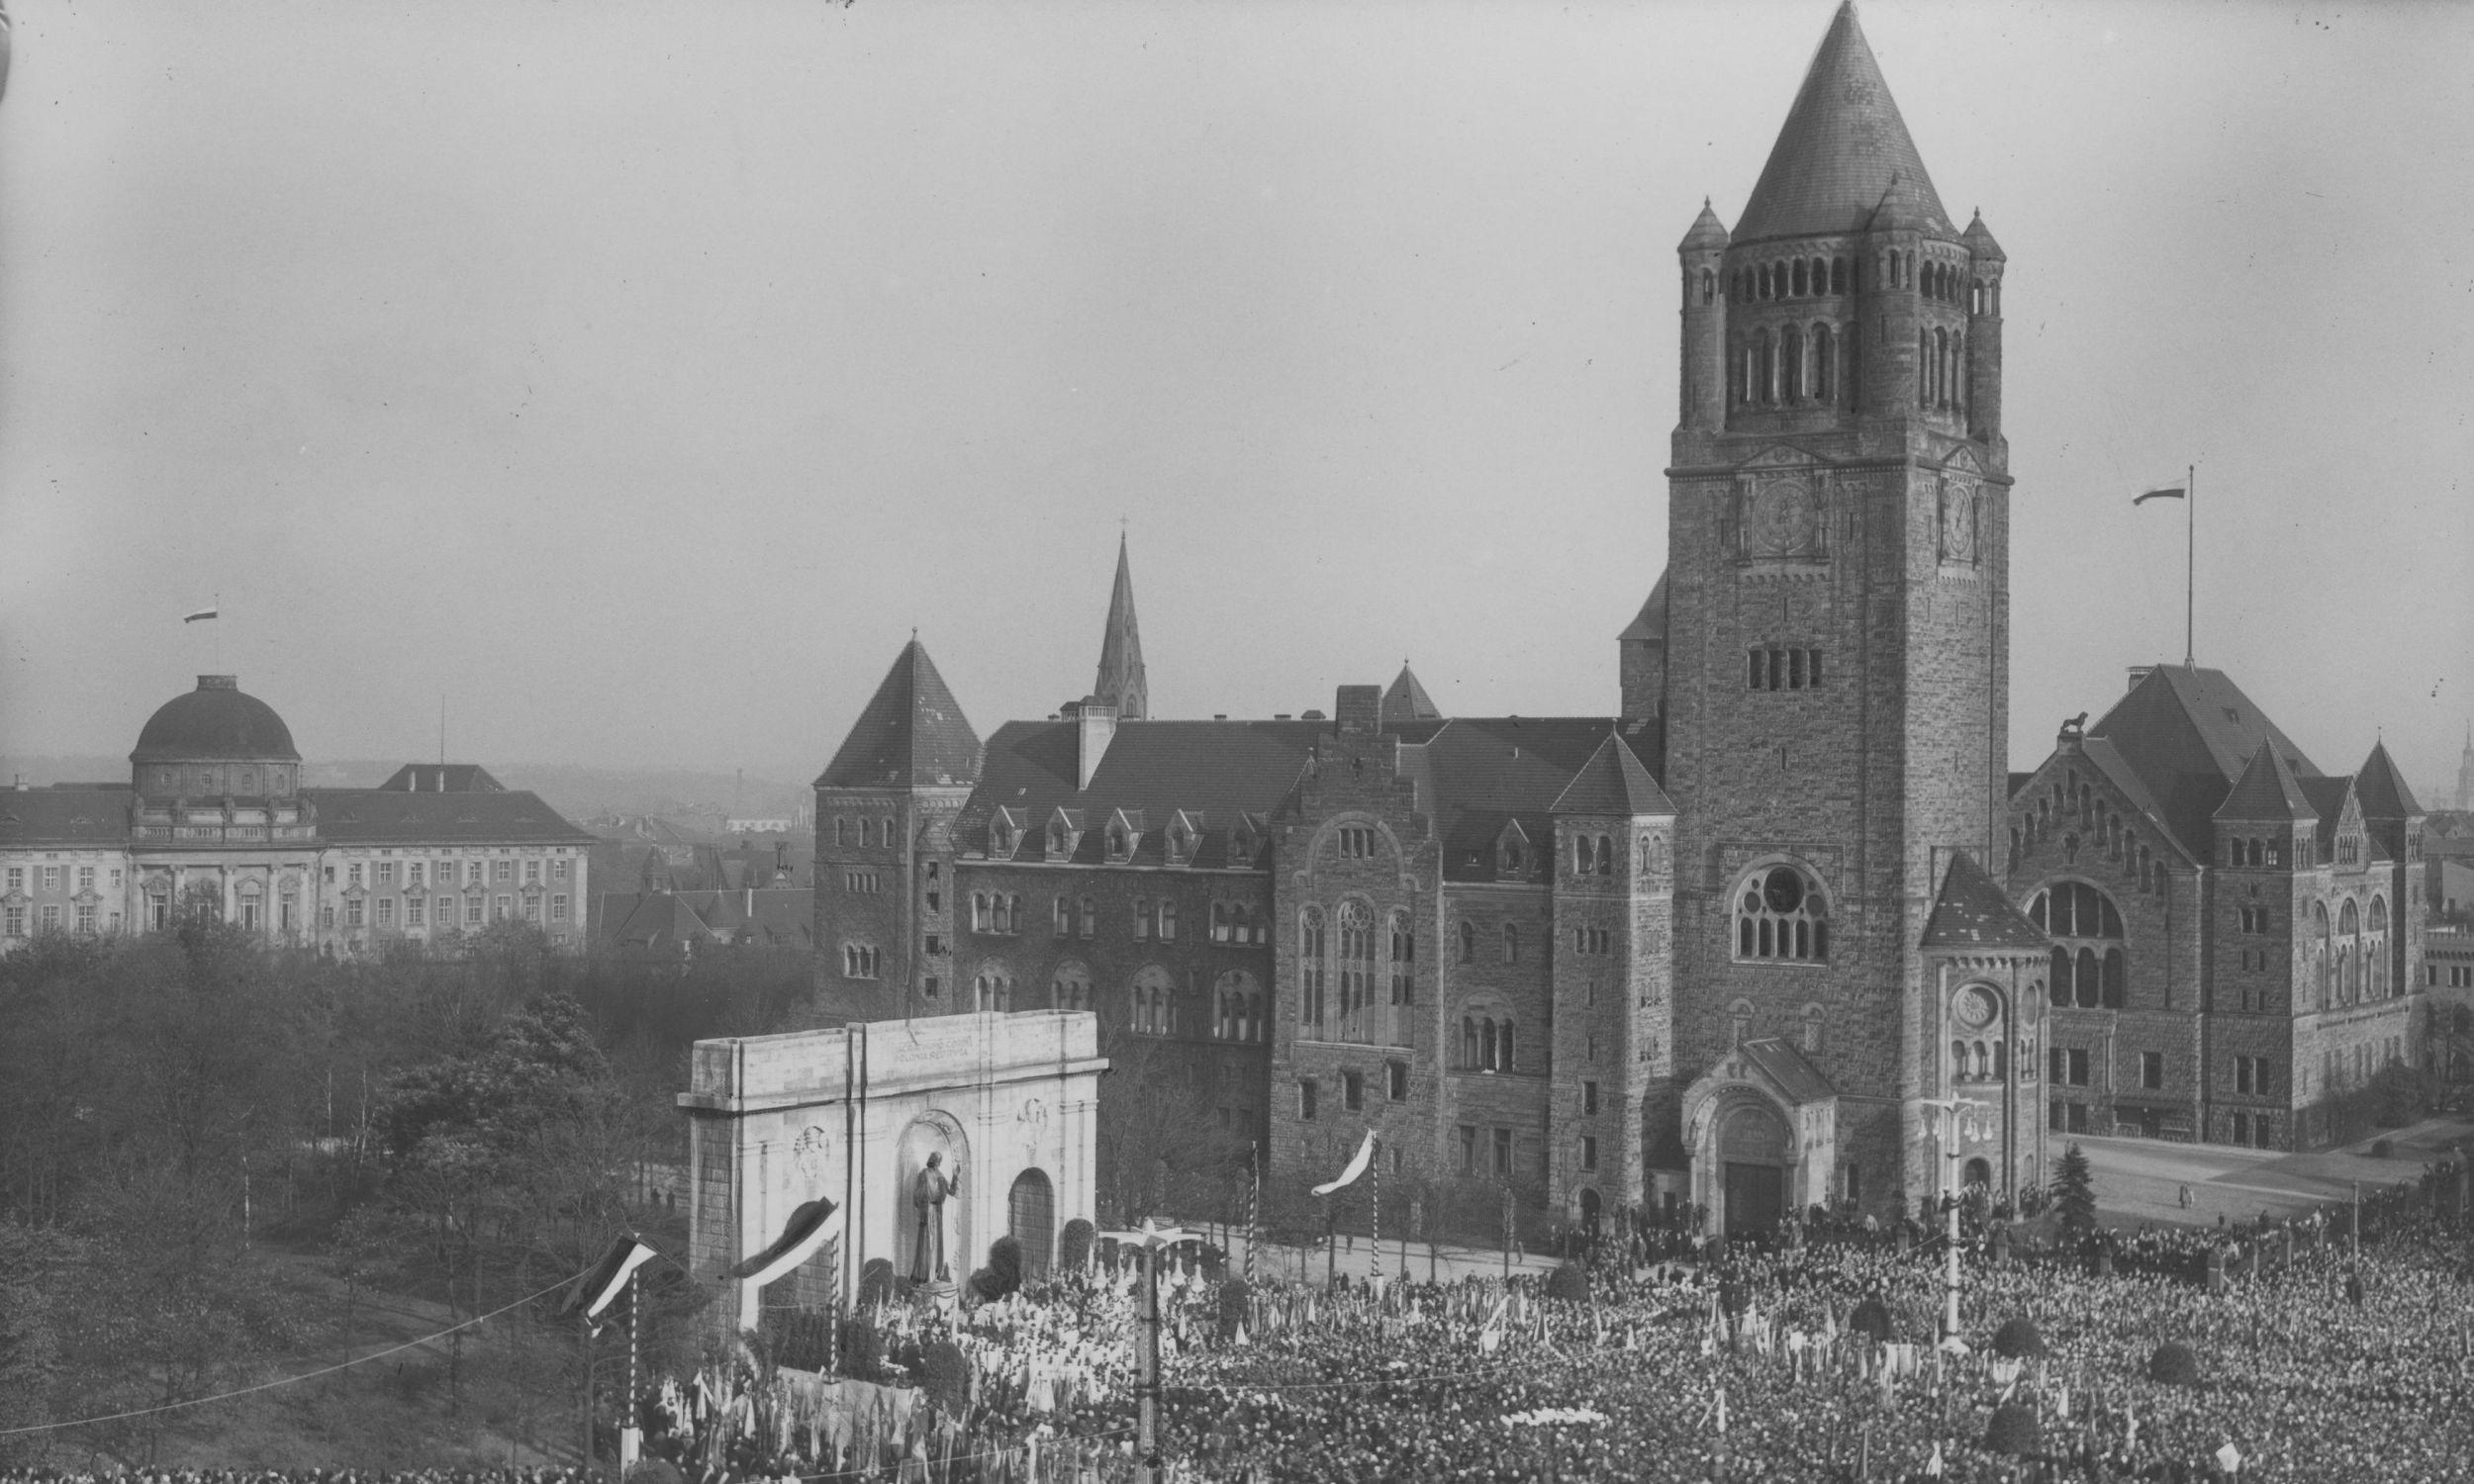 Monument stanął w centrum miasta w 1932 roku. Fot. NAC/IKC